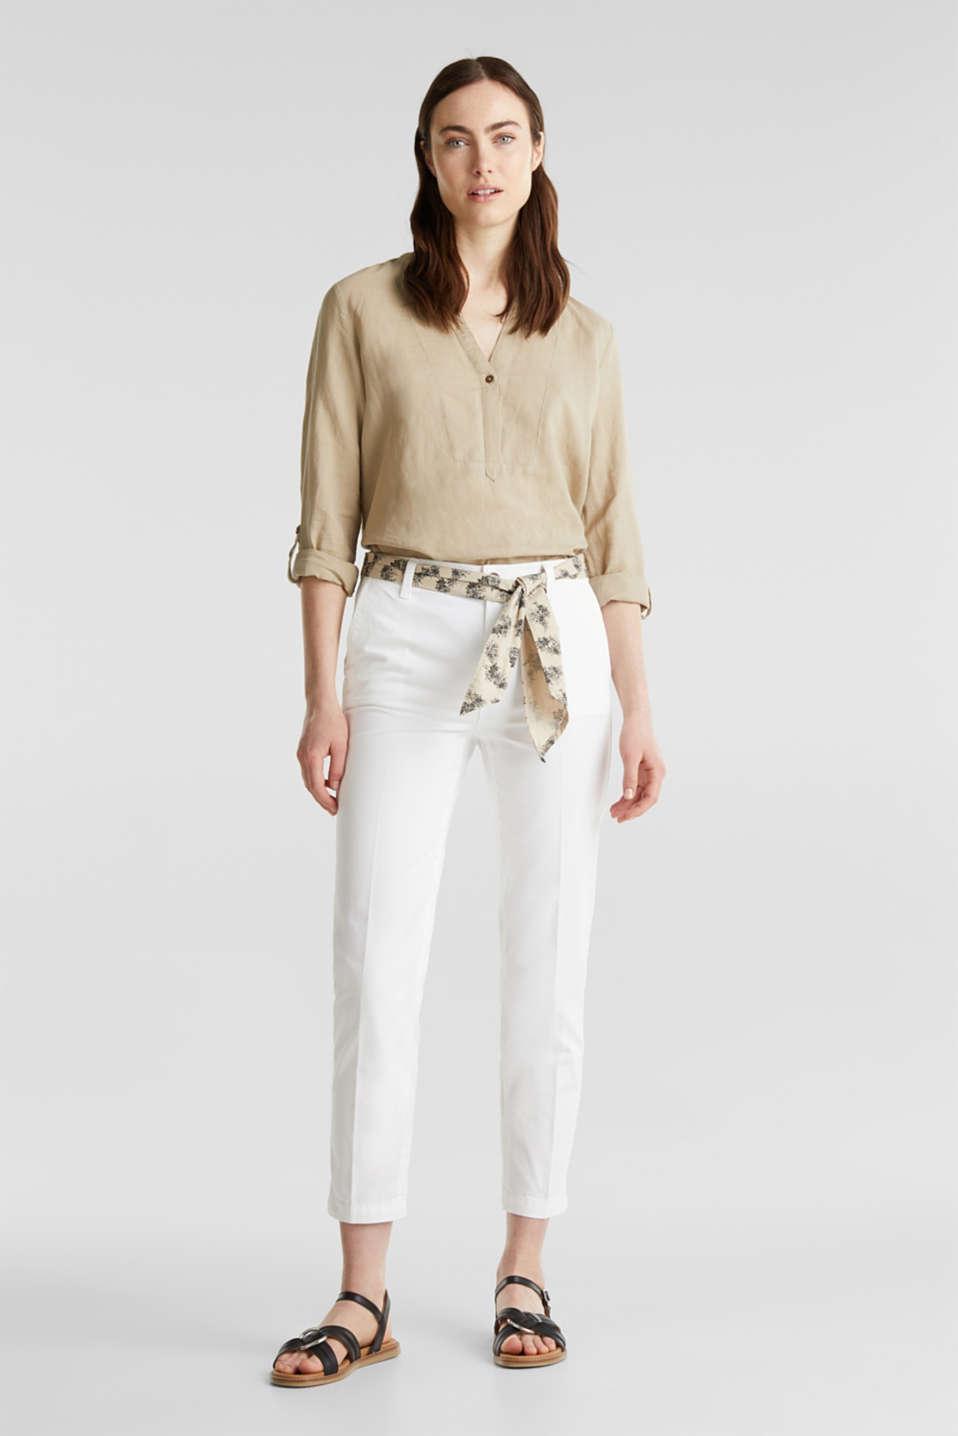 witte broek combineren